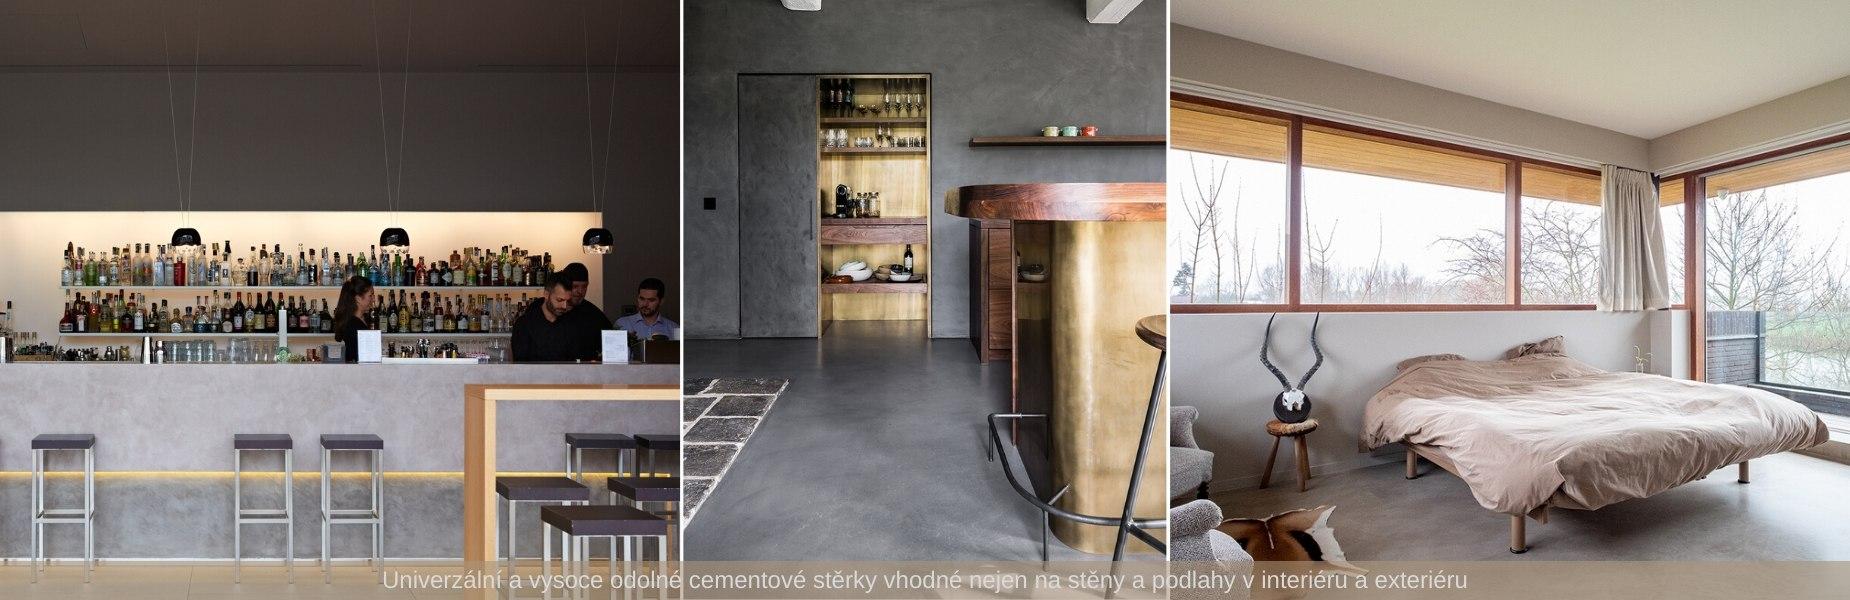 Univerzální stěrky vhodné na podlahy, stěny do interiérů a exteriérů